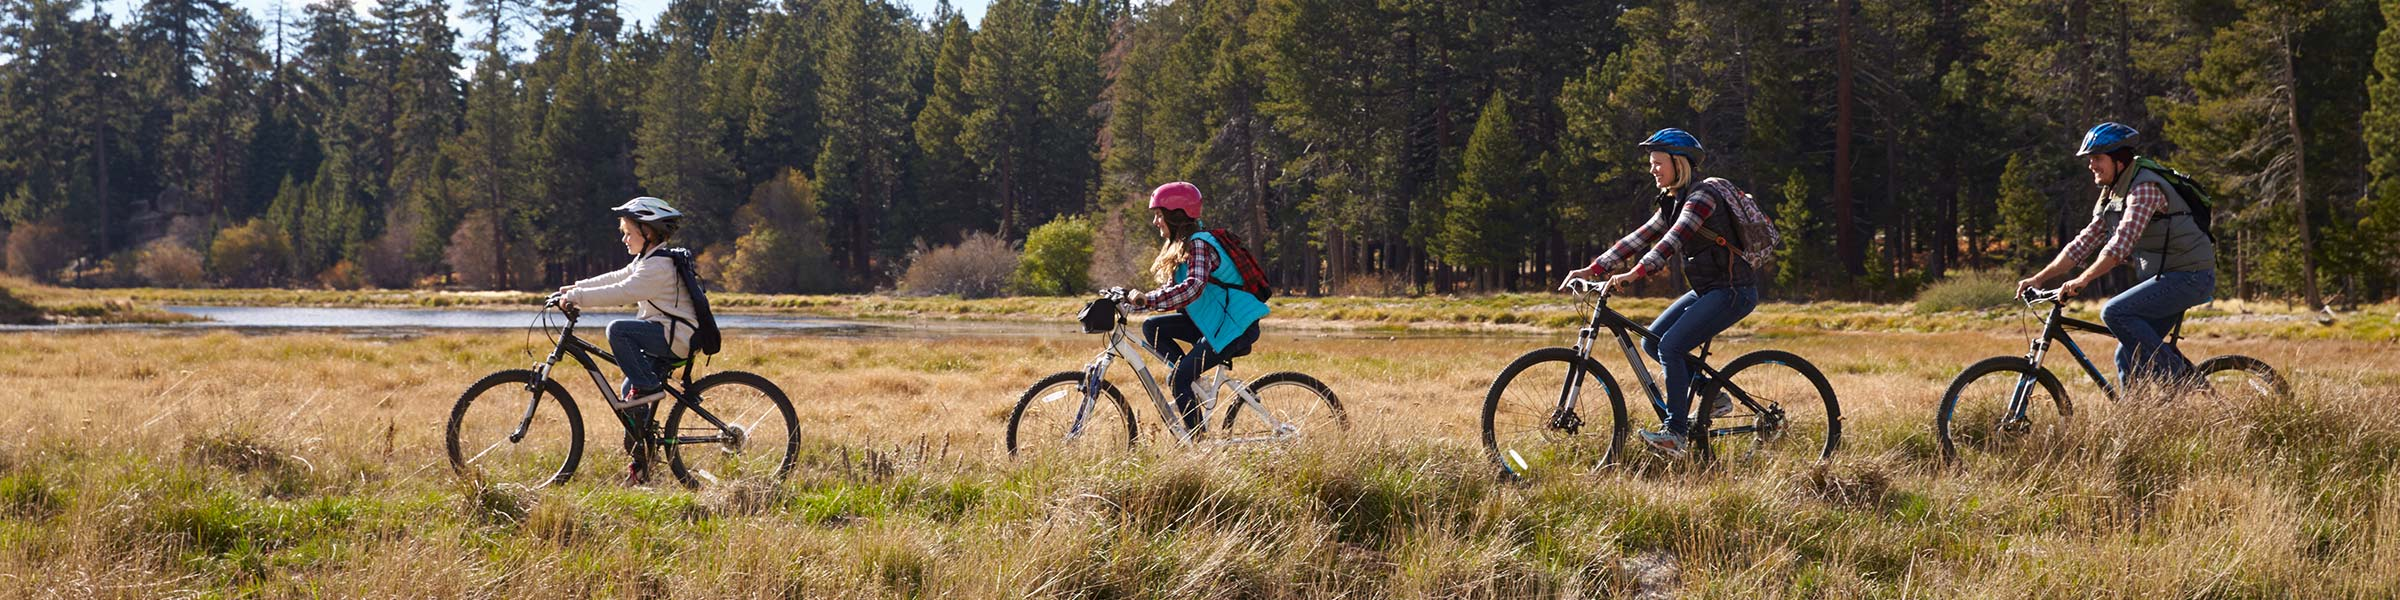 Eugene Kids Bikes